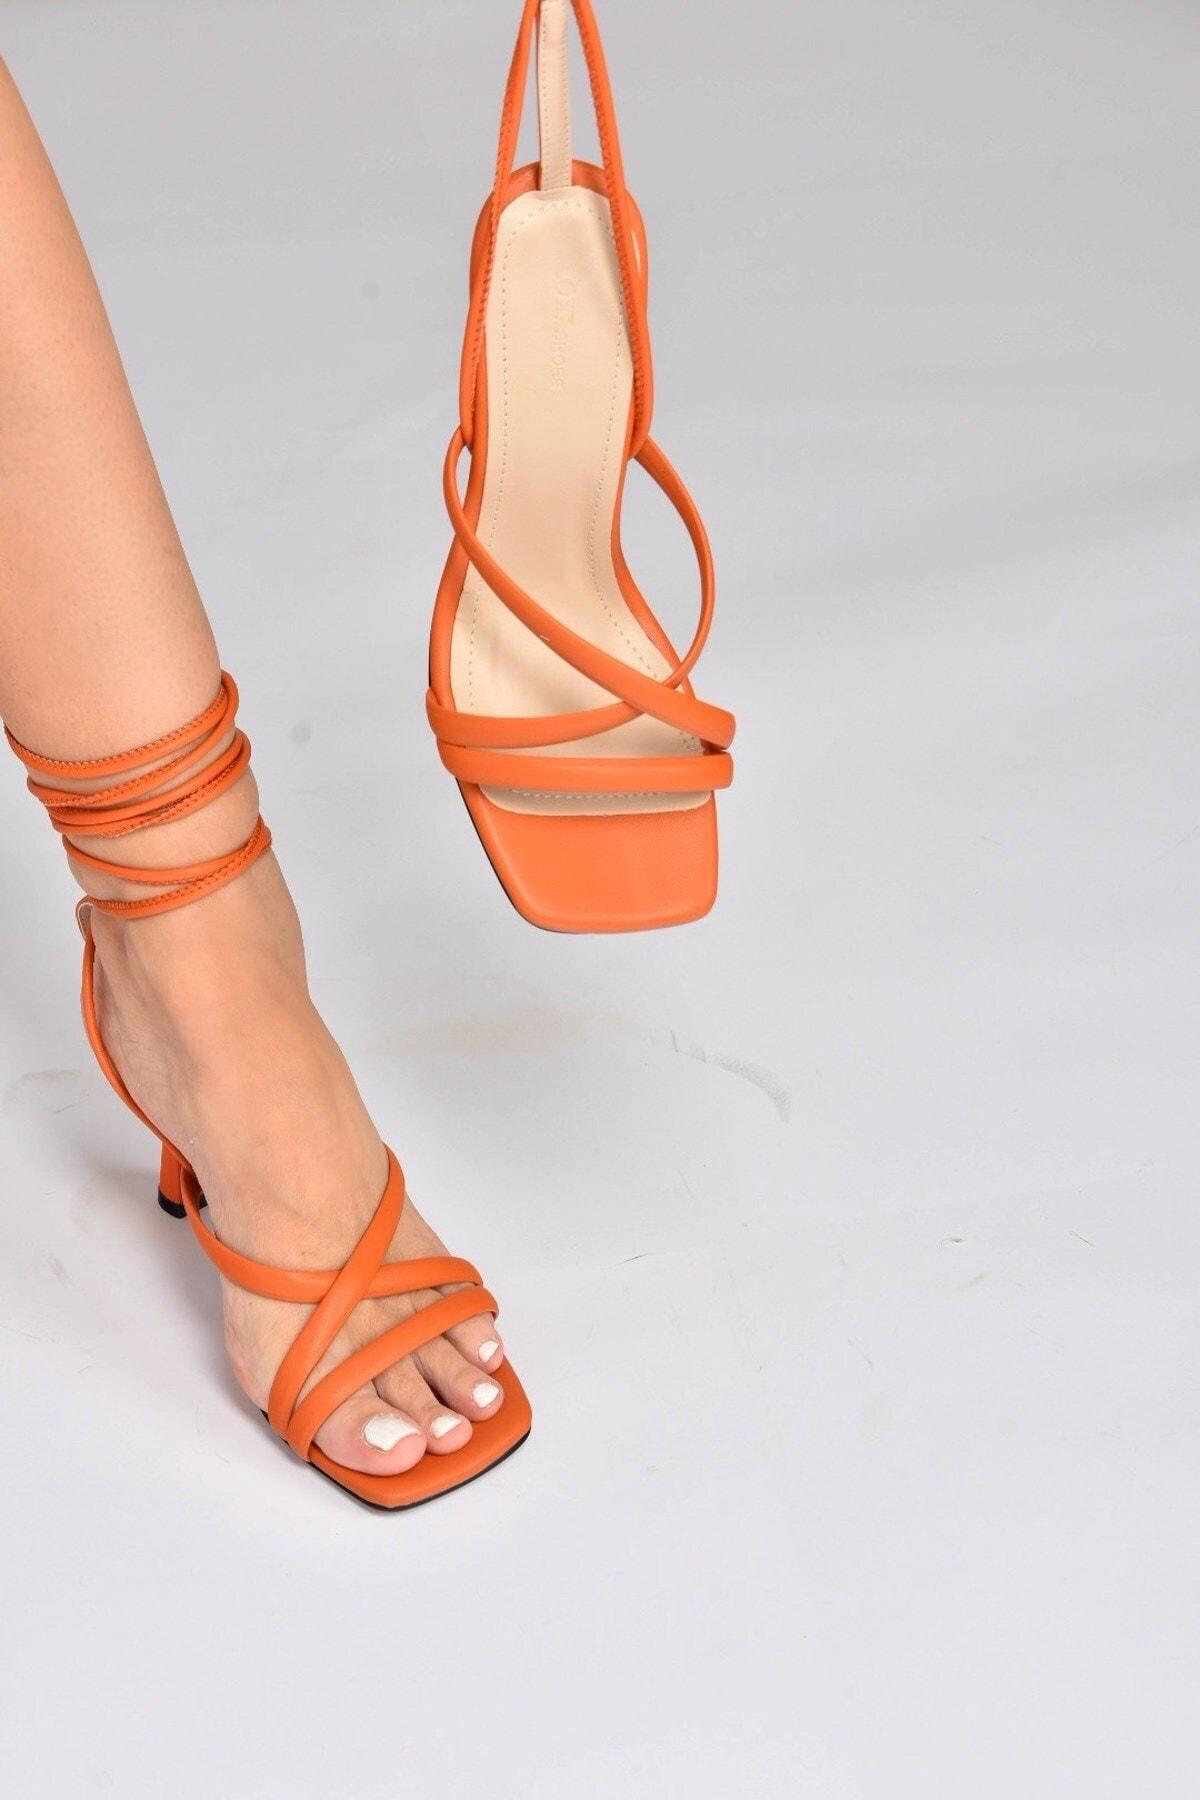 Kadın Turuncu Bilek Bağlamalı Topuklu Ayakkabı K404070209